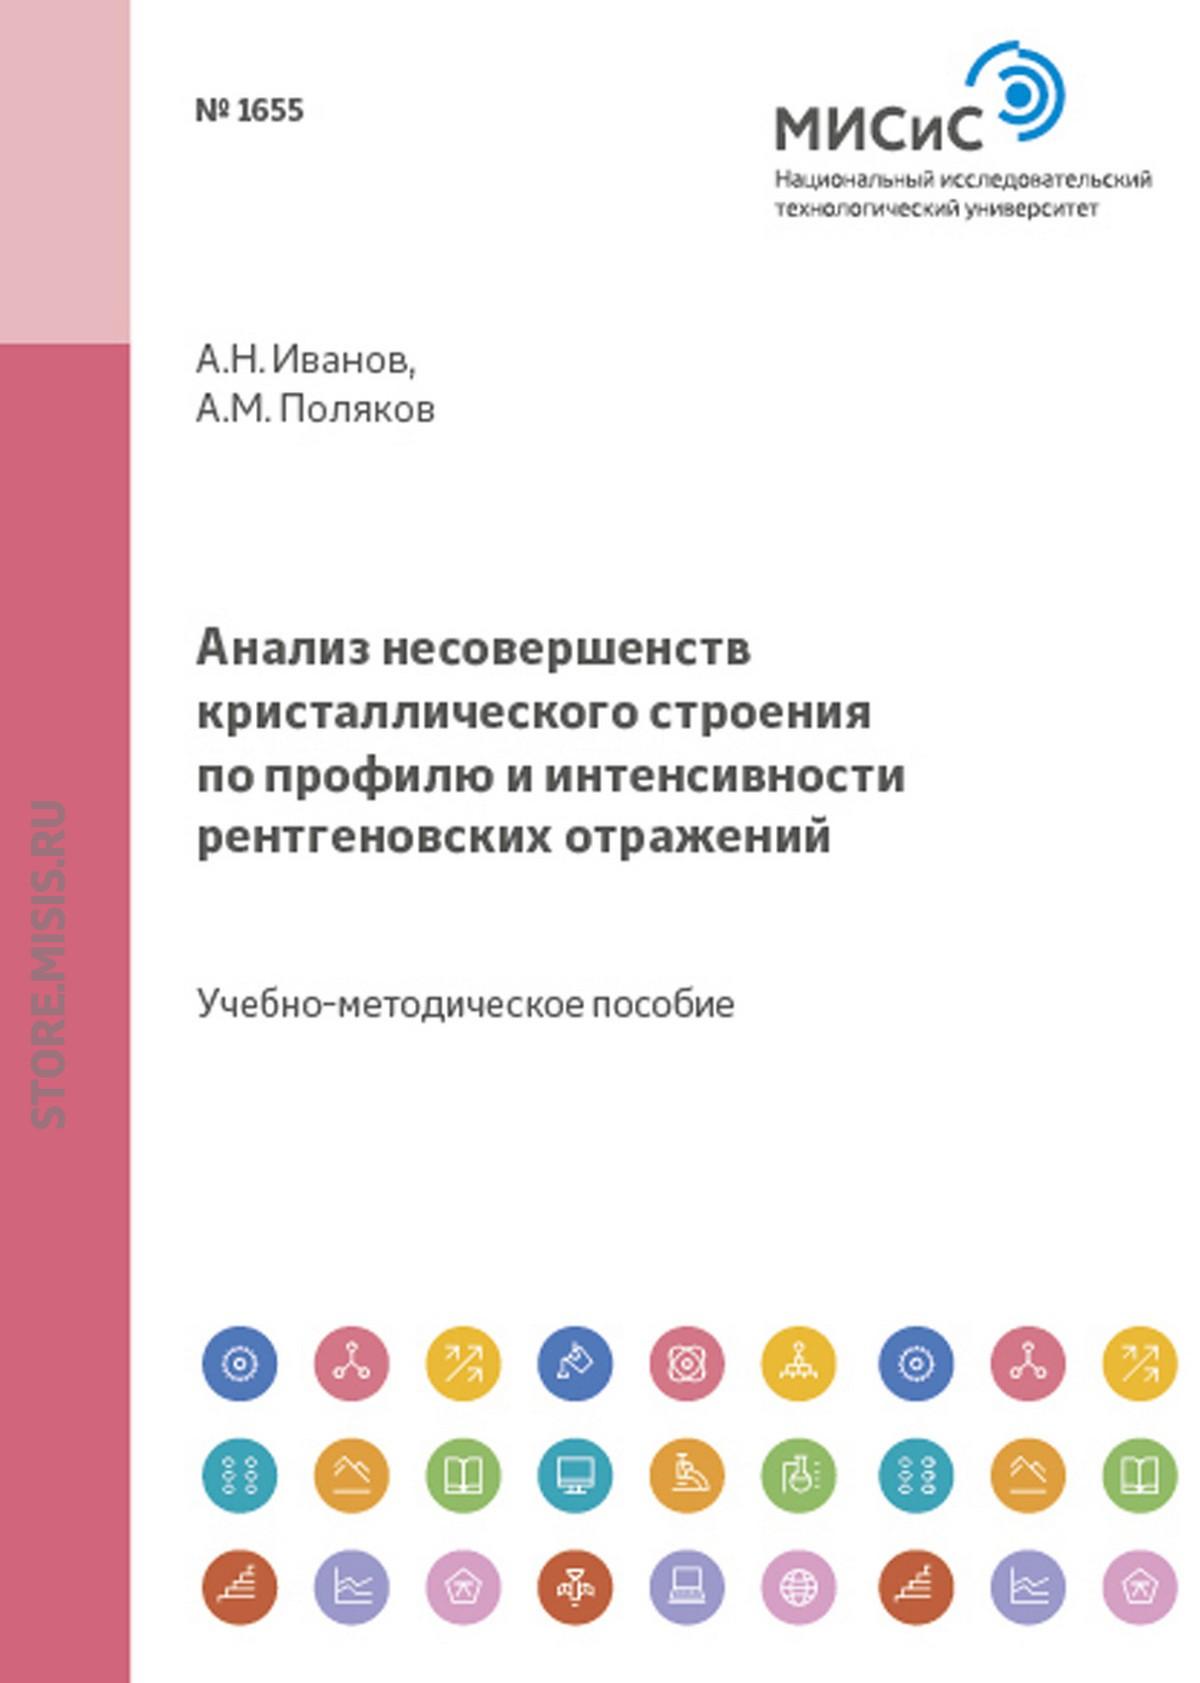 Андрей Поляков Анализ несовершенств кристаллического строения по профилю и интенсивности рентгеновских отражений